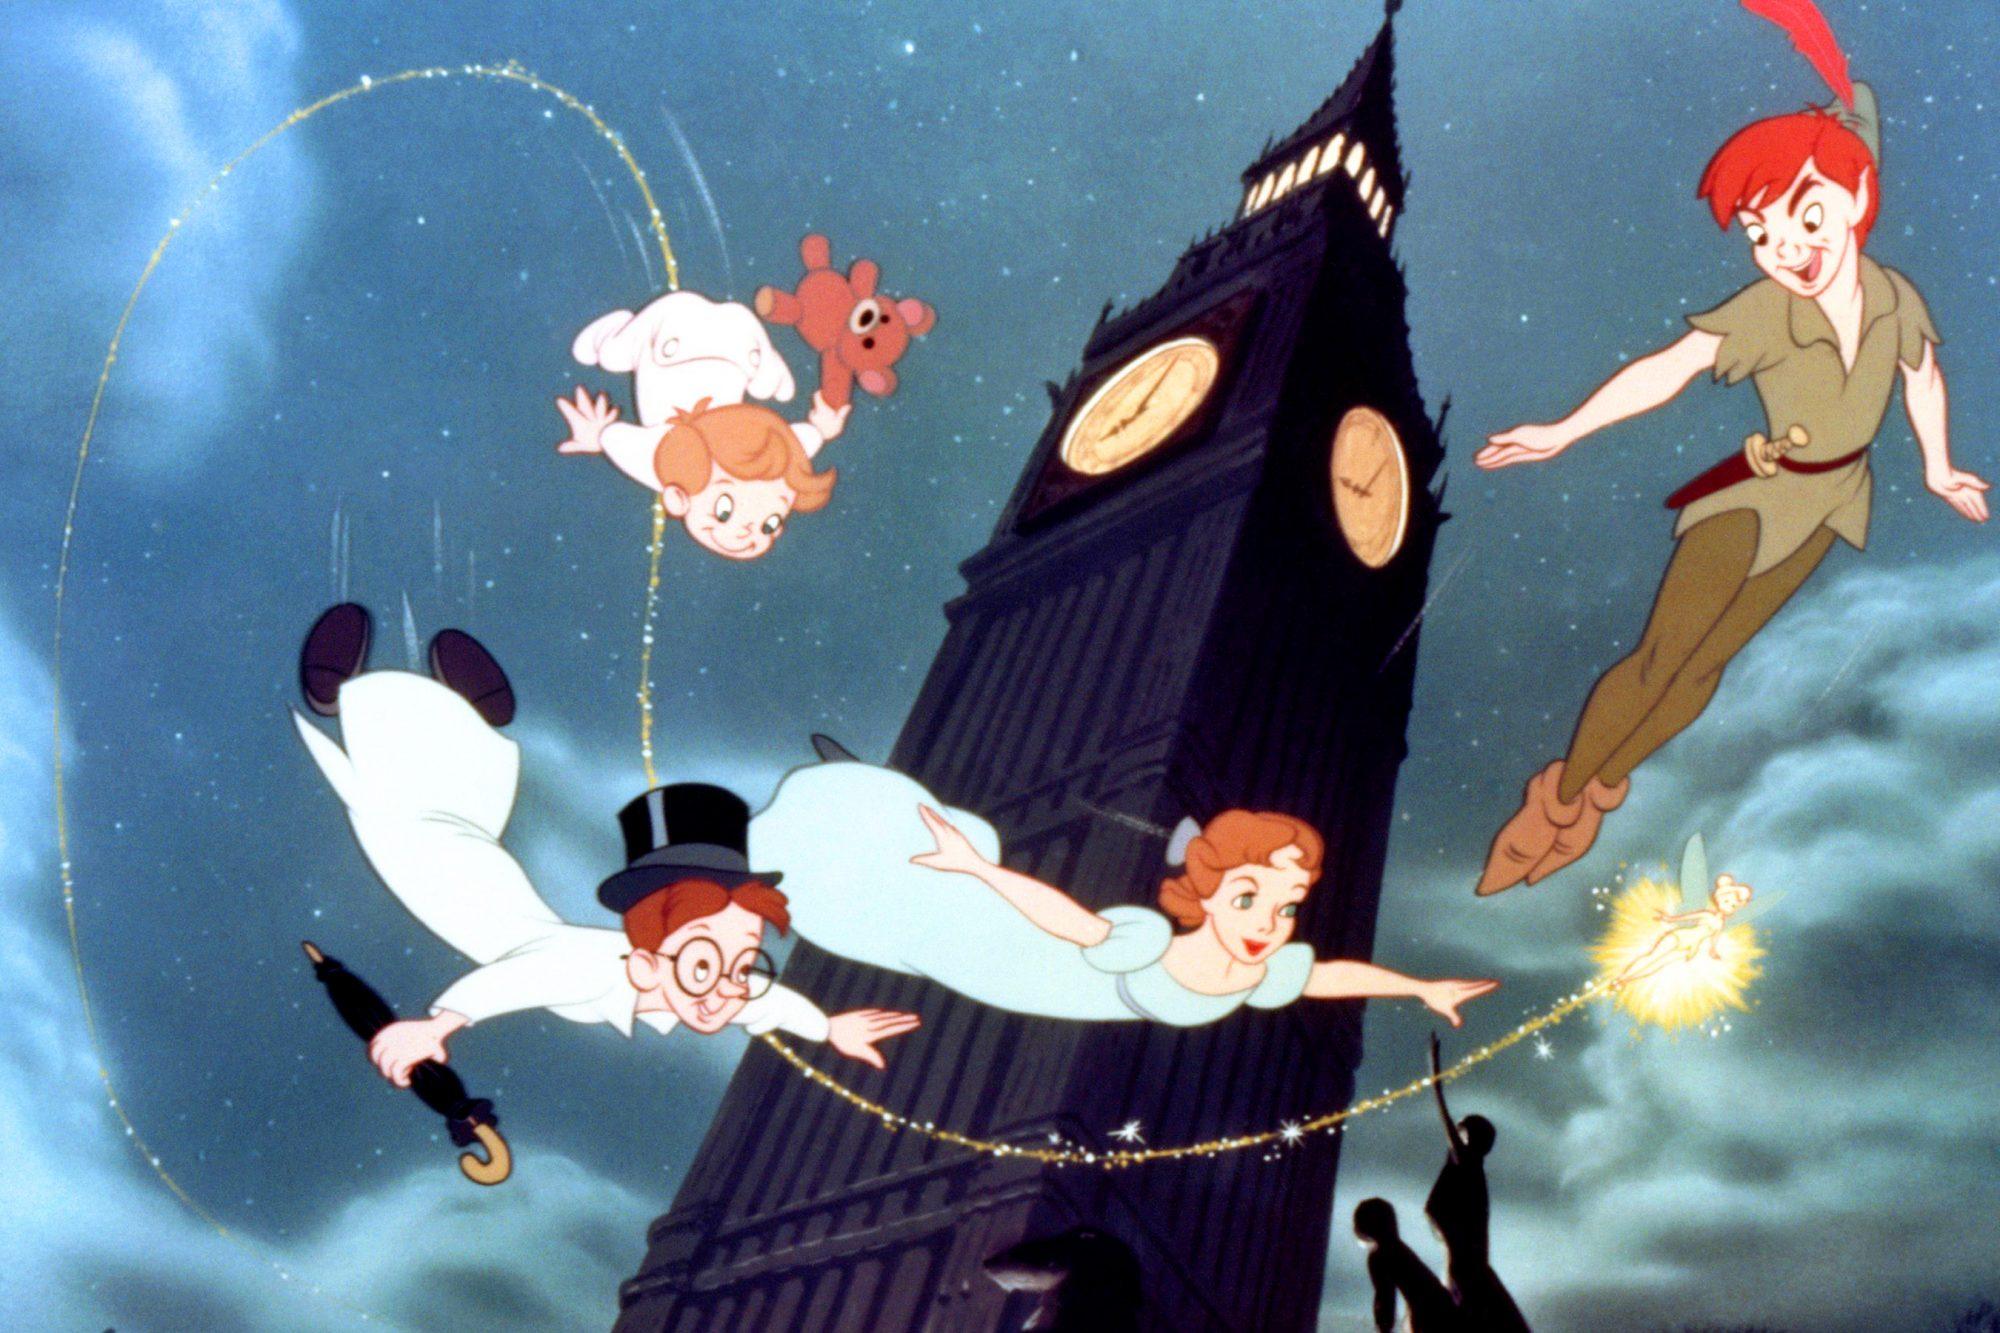 PETER PAN, from top left: Michael Darling, John Darling, Wendy Darling, Tinkerbell, Peter Pan, 1953,